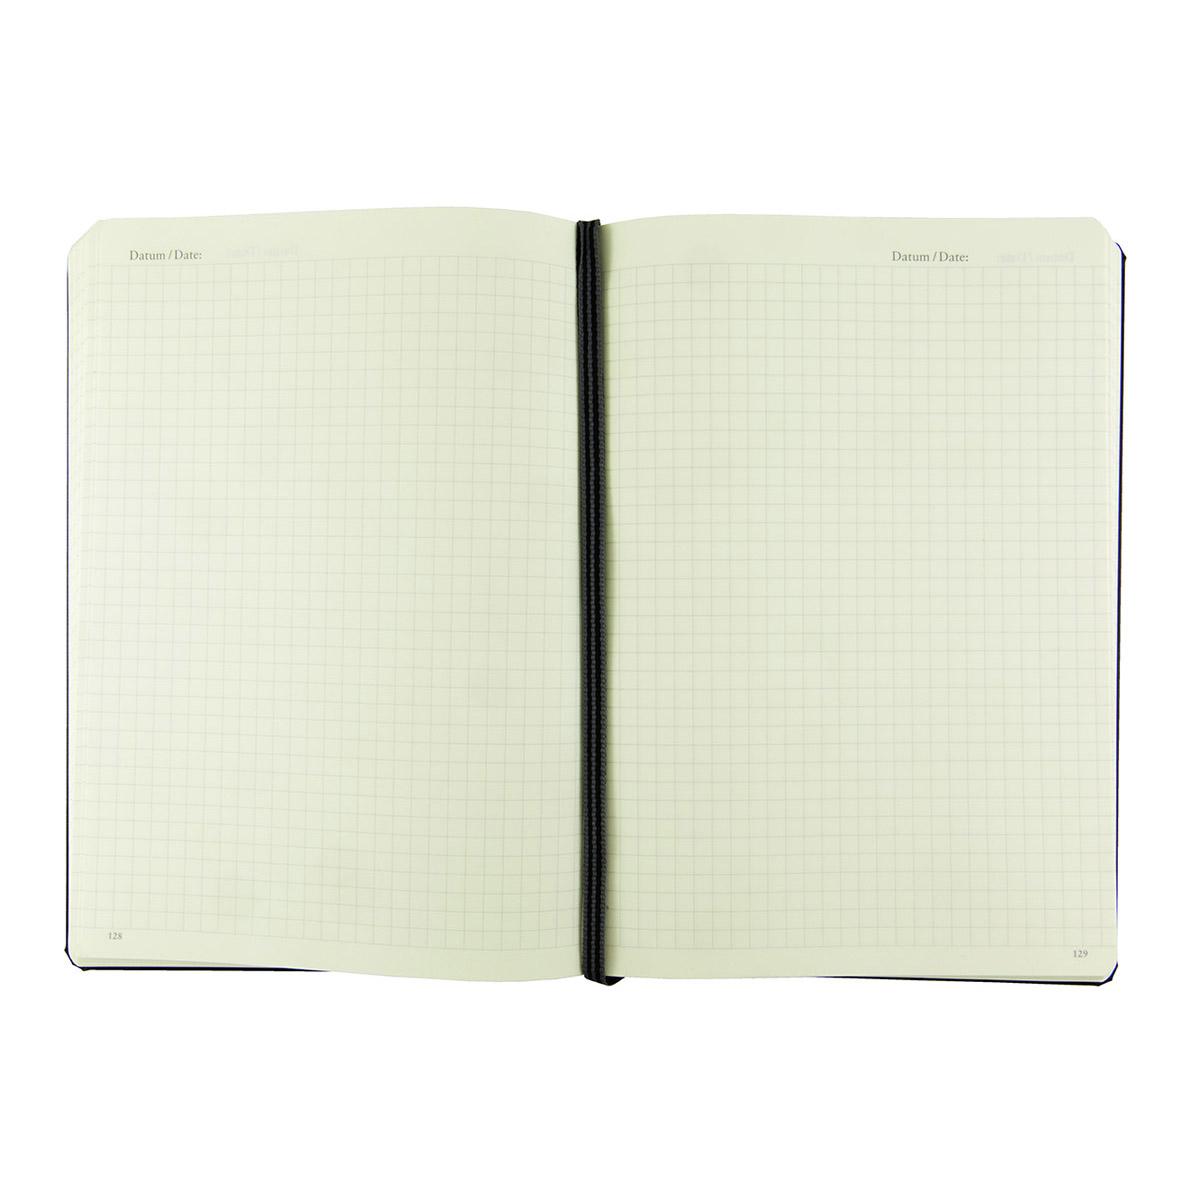 Leuchtturm1917 Notebook Medium A5 Dotted - Lemon Hardcover Book